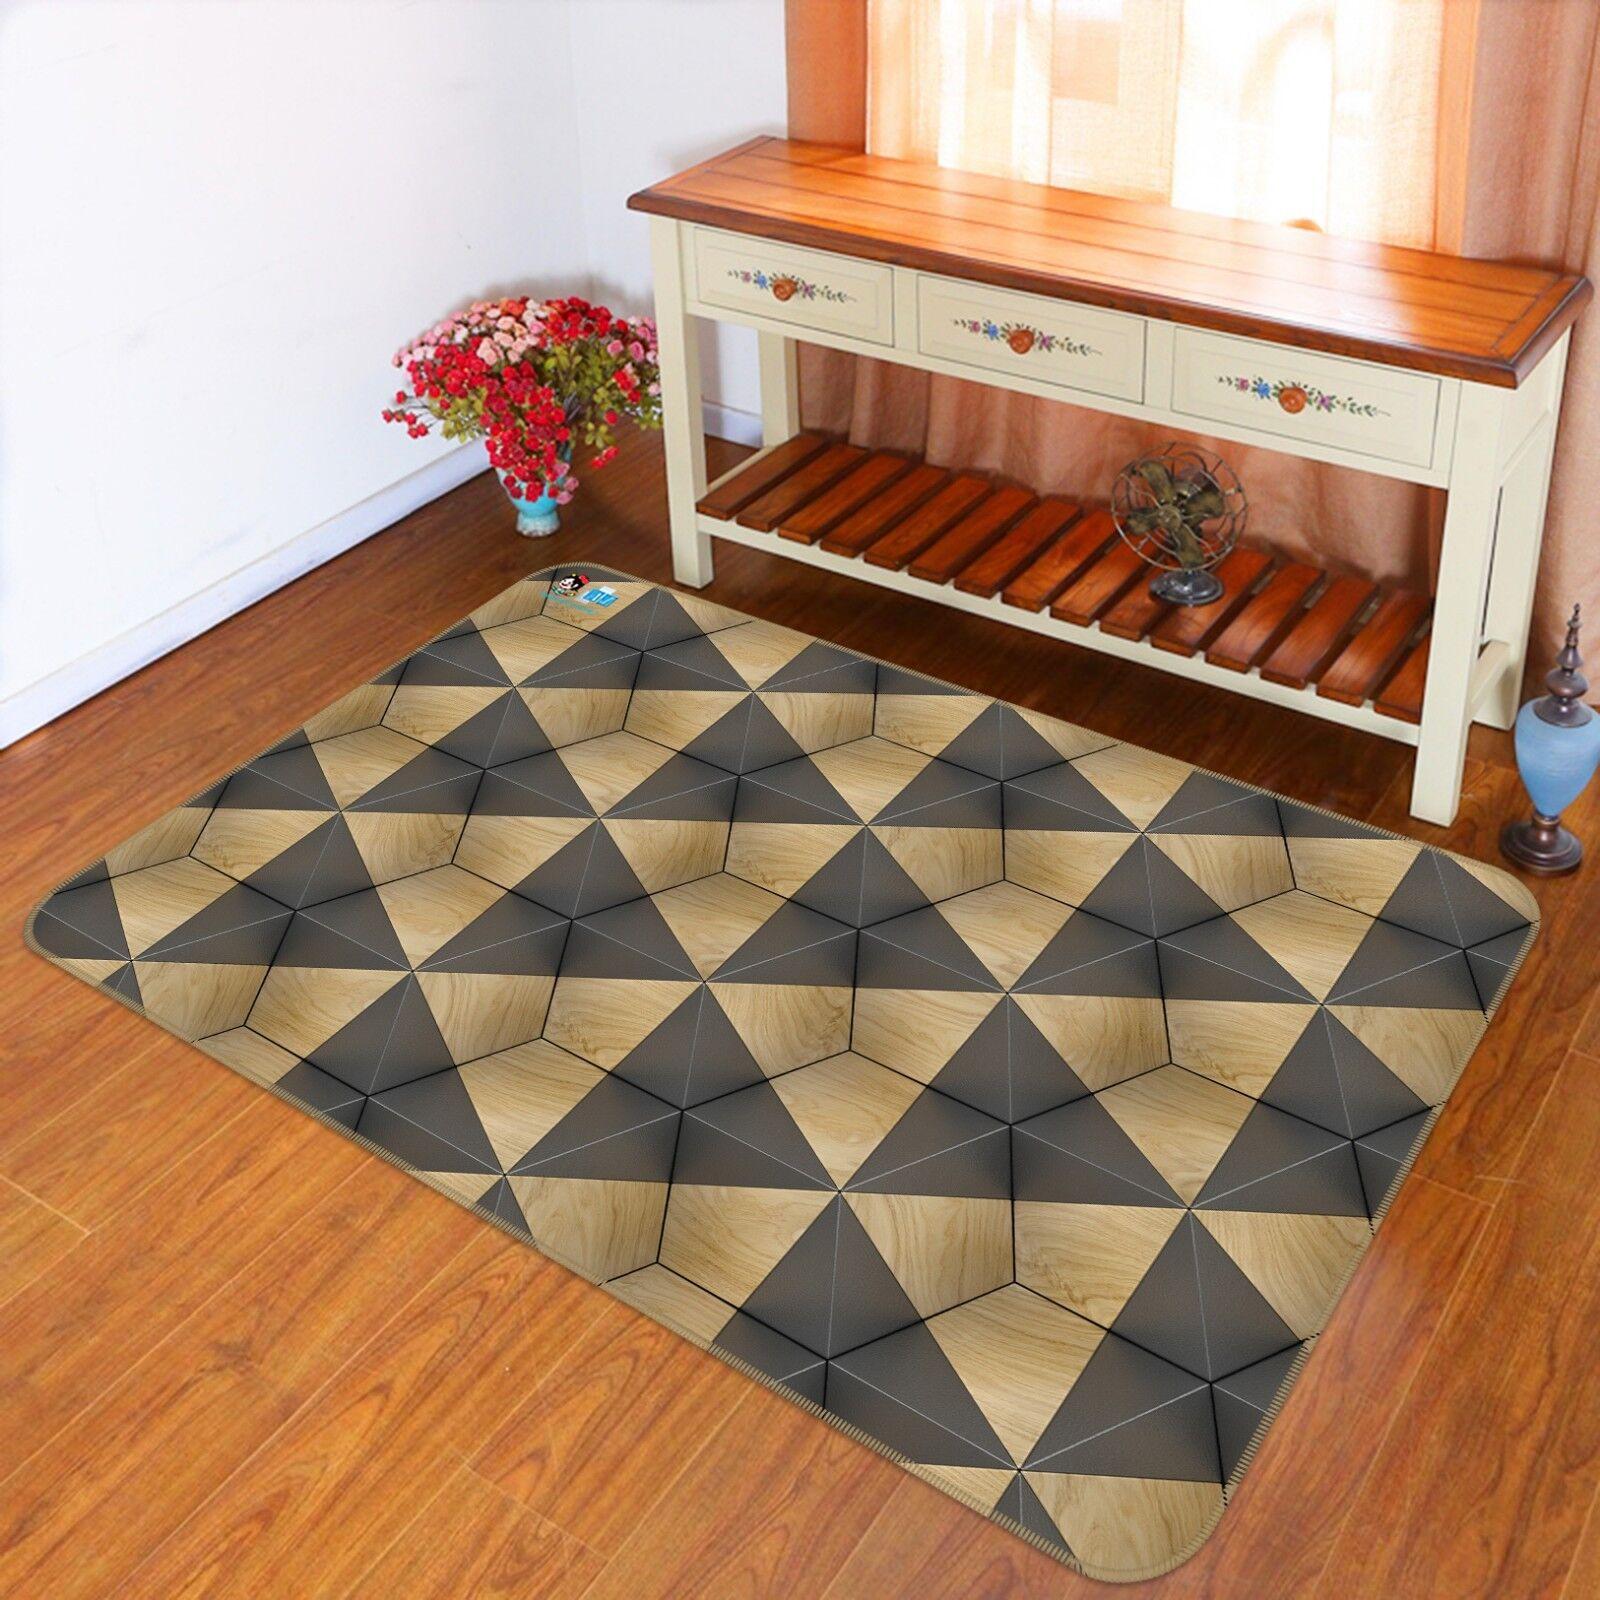 3d triángulo geometría 8 antideslizante alfombra maletero calidad elegante alfombra de